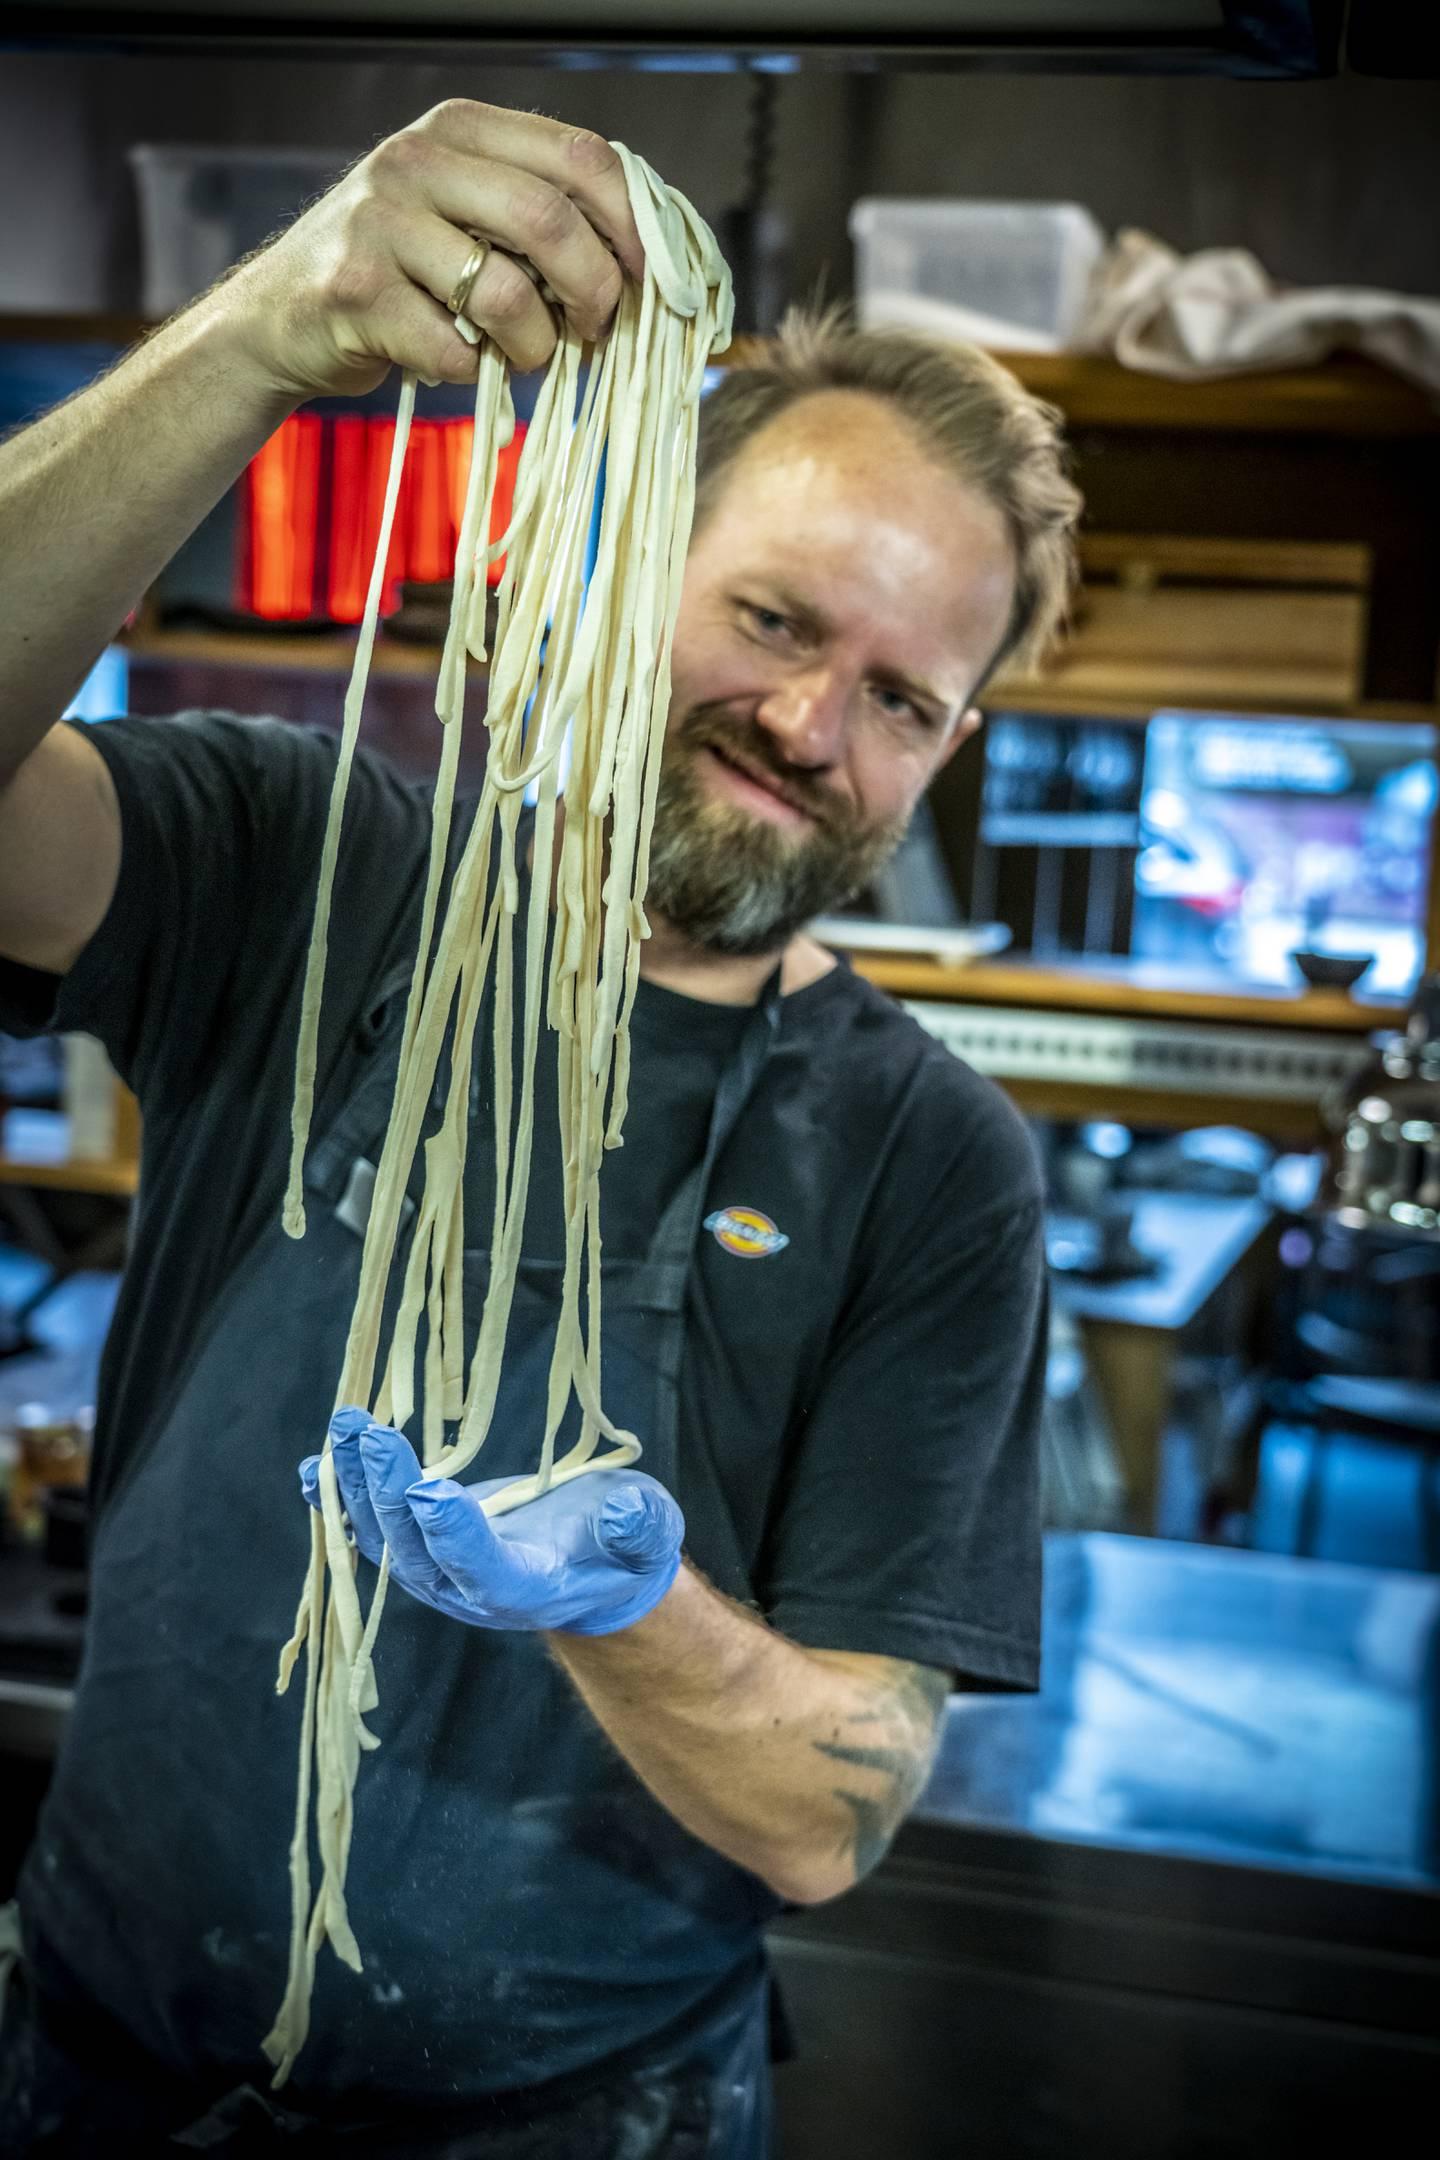 Å lage udon-nudler hjemme er ingen heksekunst. Kokk og matskribent Tom-Victor Gausdal viser fram lange nudler.